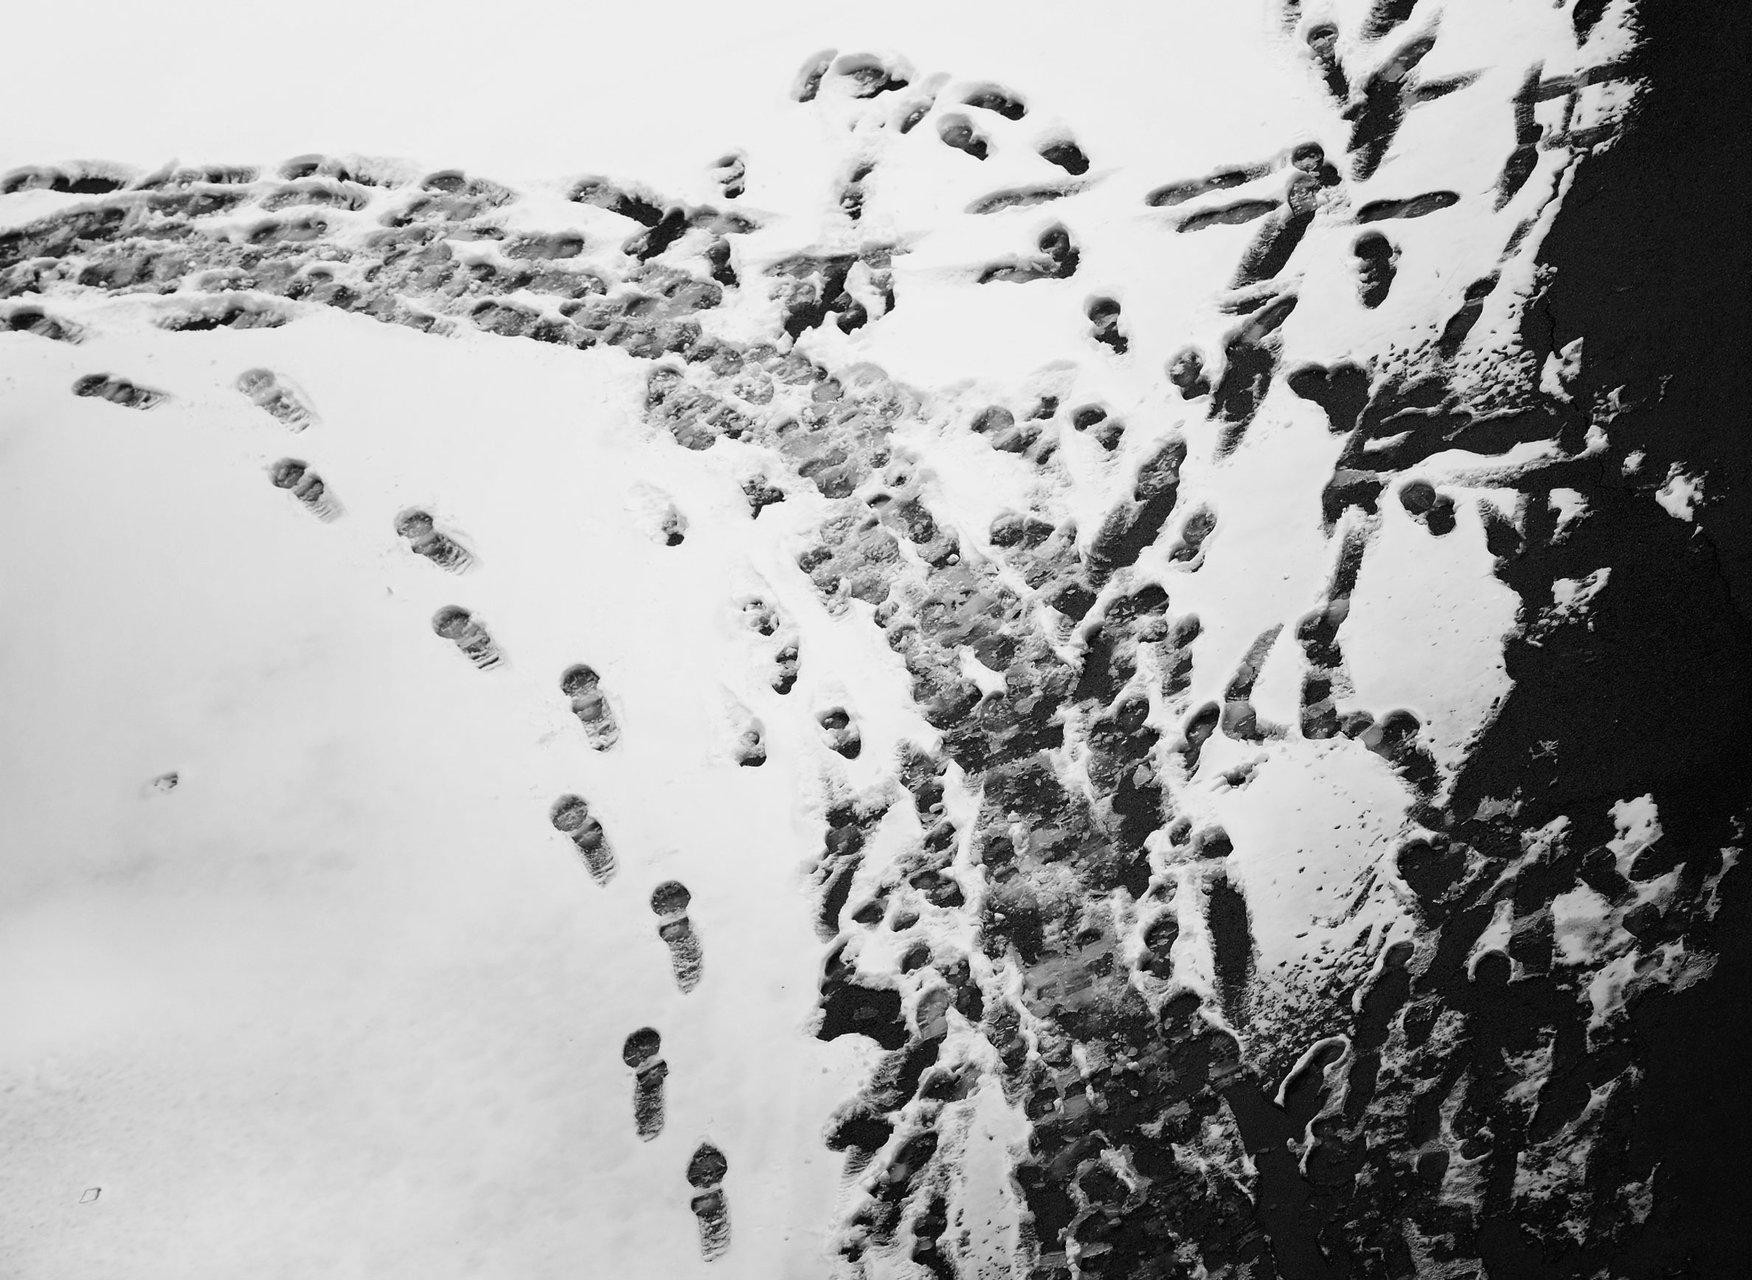 абстрактно1 | Author Miroslav Zhekov - mitpis | PHOTO FORUM